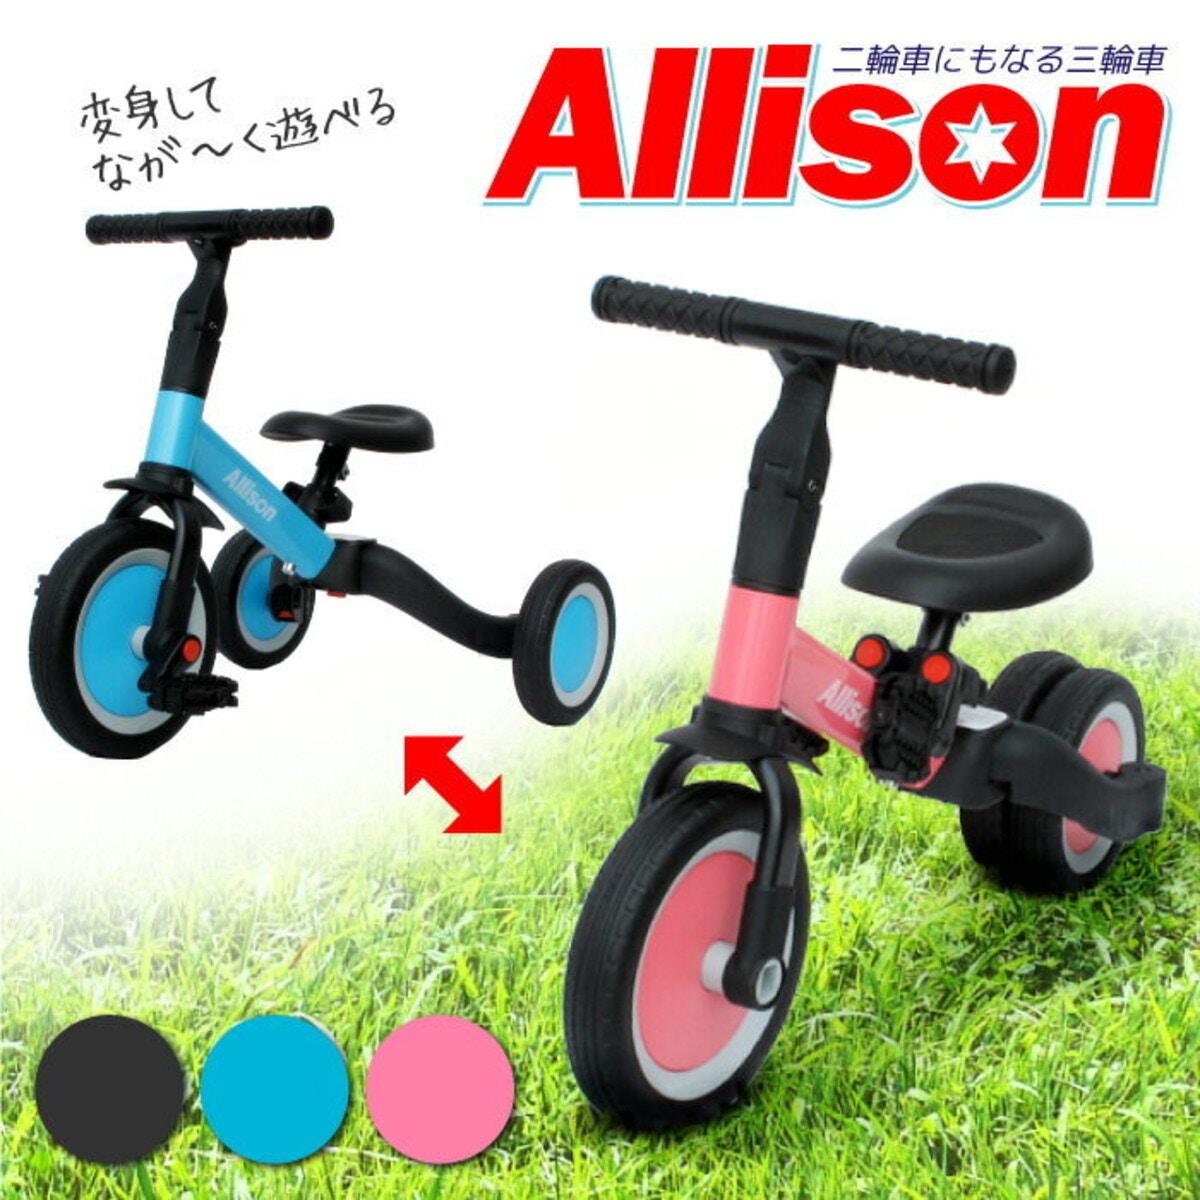 Allison 2way 三輪トライクキックバイク